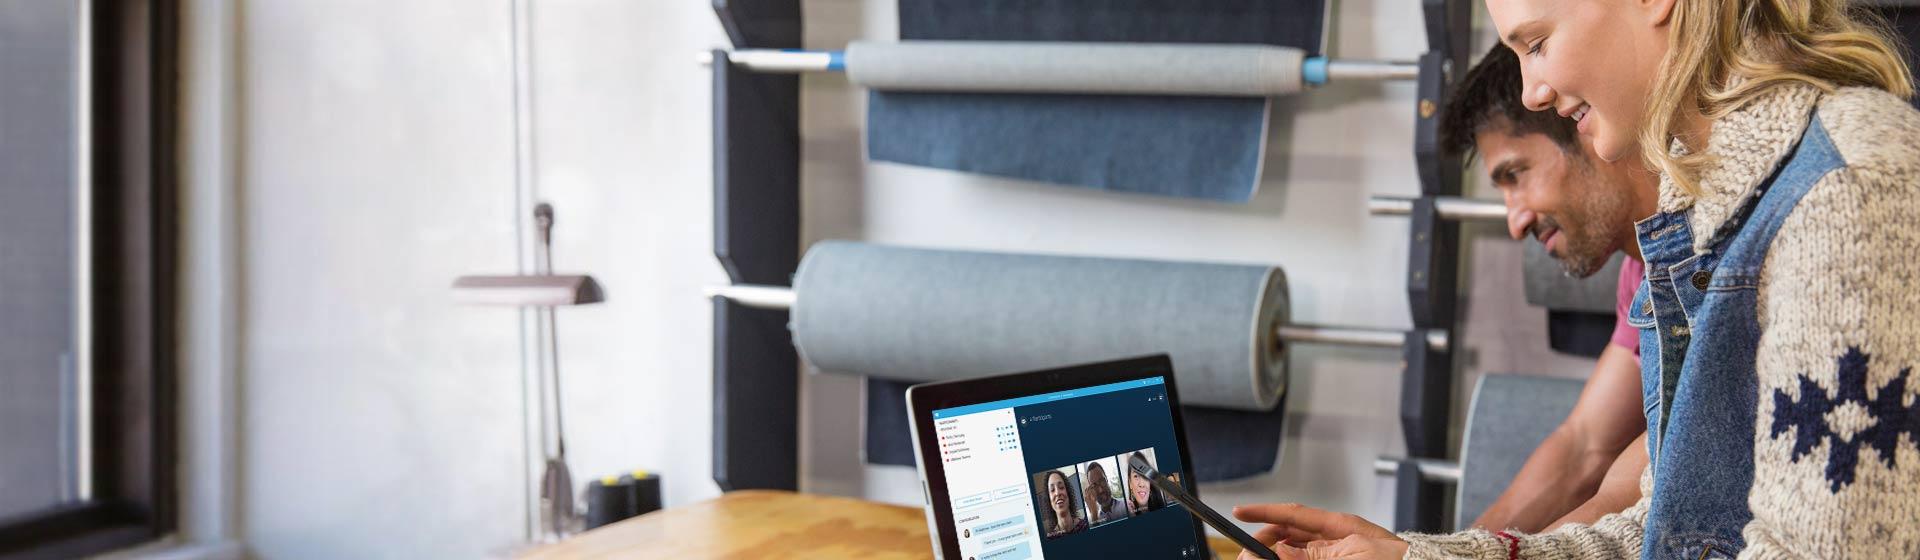 Εικόνα γυναίκας και άντρα που χρησιμοποιούν τις συσκέψεις Skype σε ένα tablet και η γυναίκα κρατάει ένα τηλέφωνο